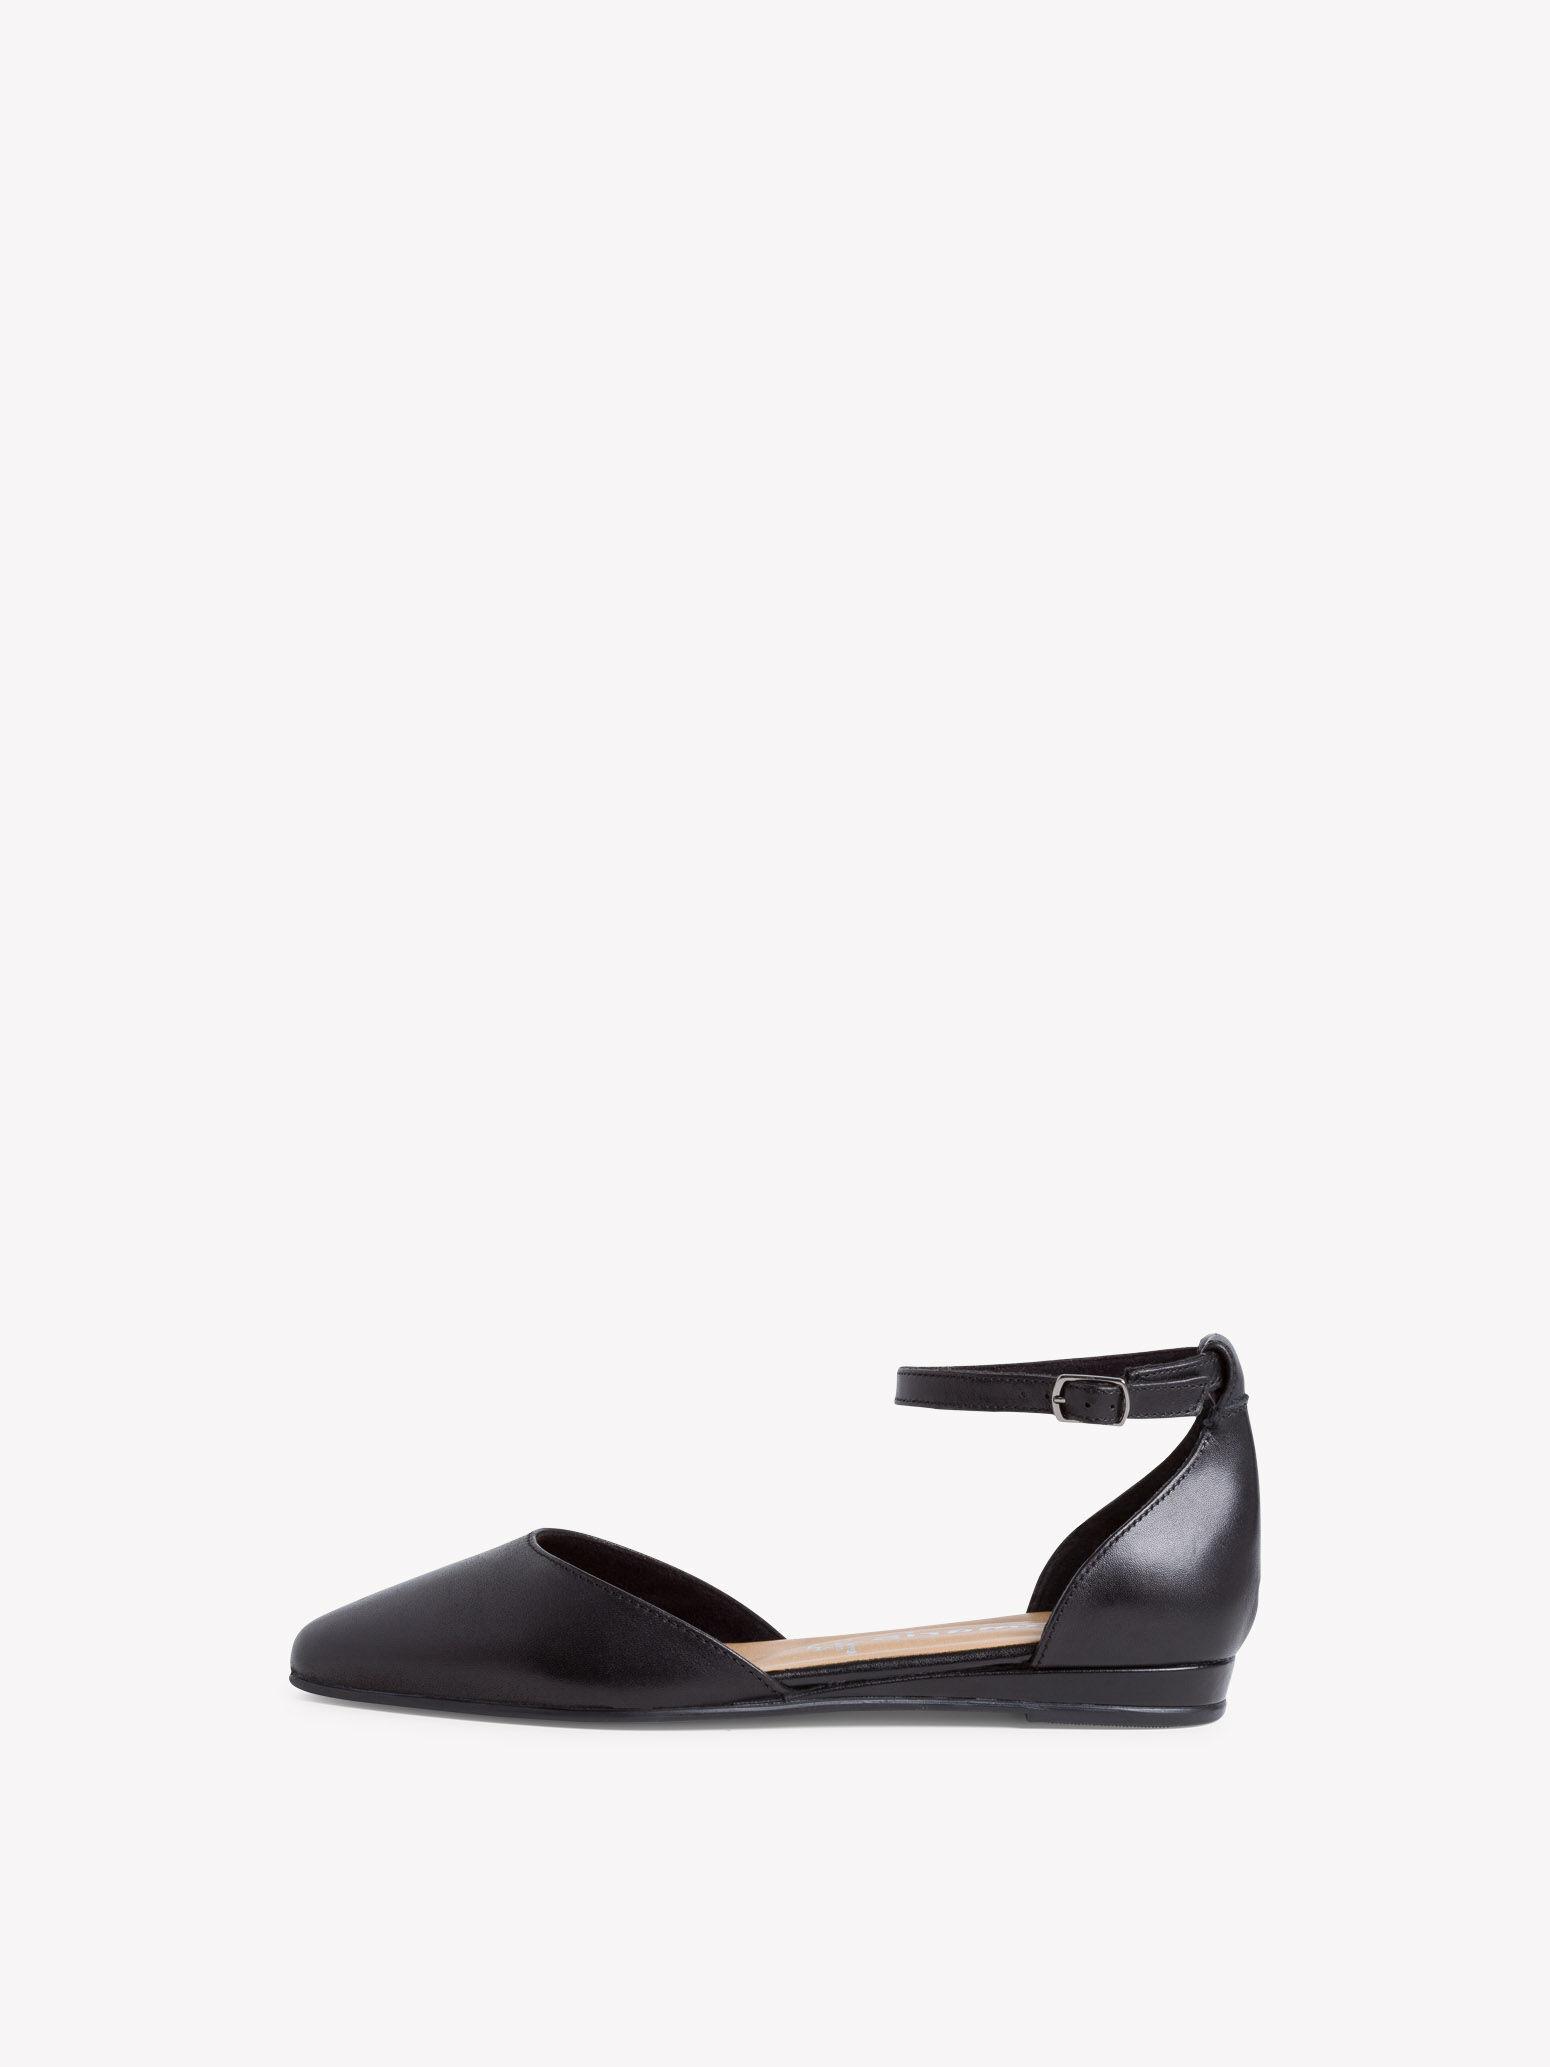 Buy Tamaris Shoes online now!